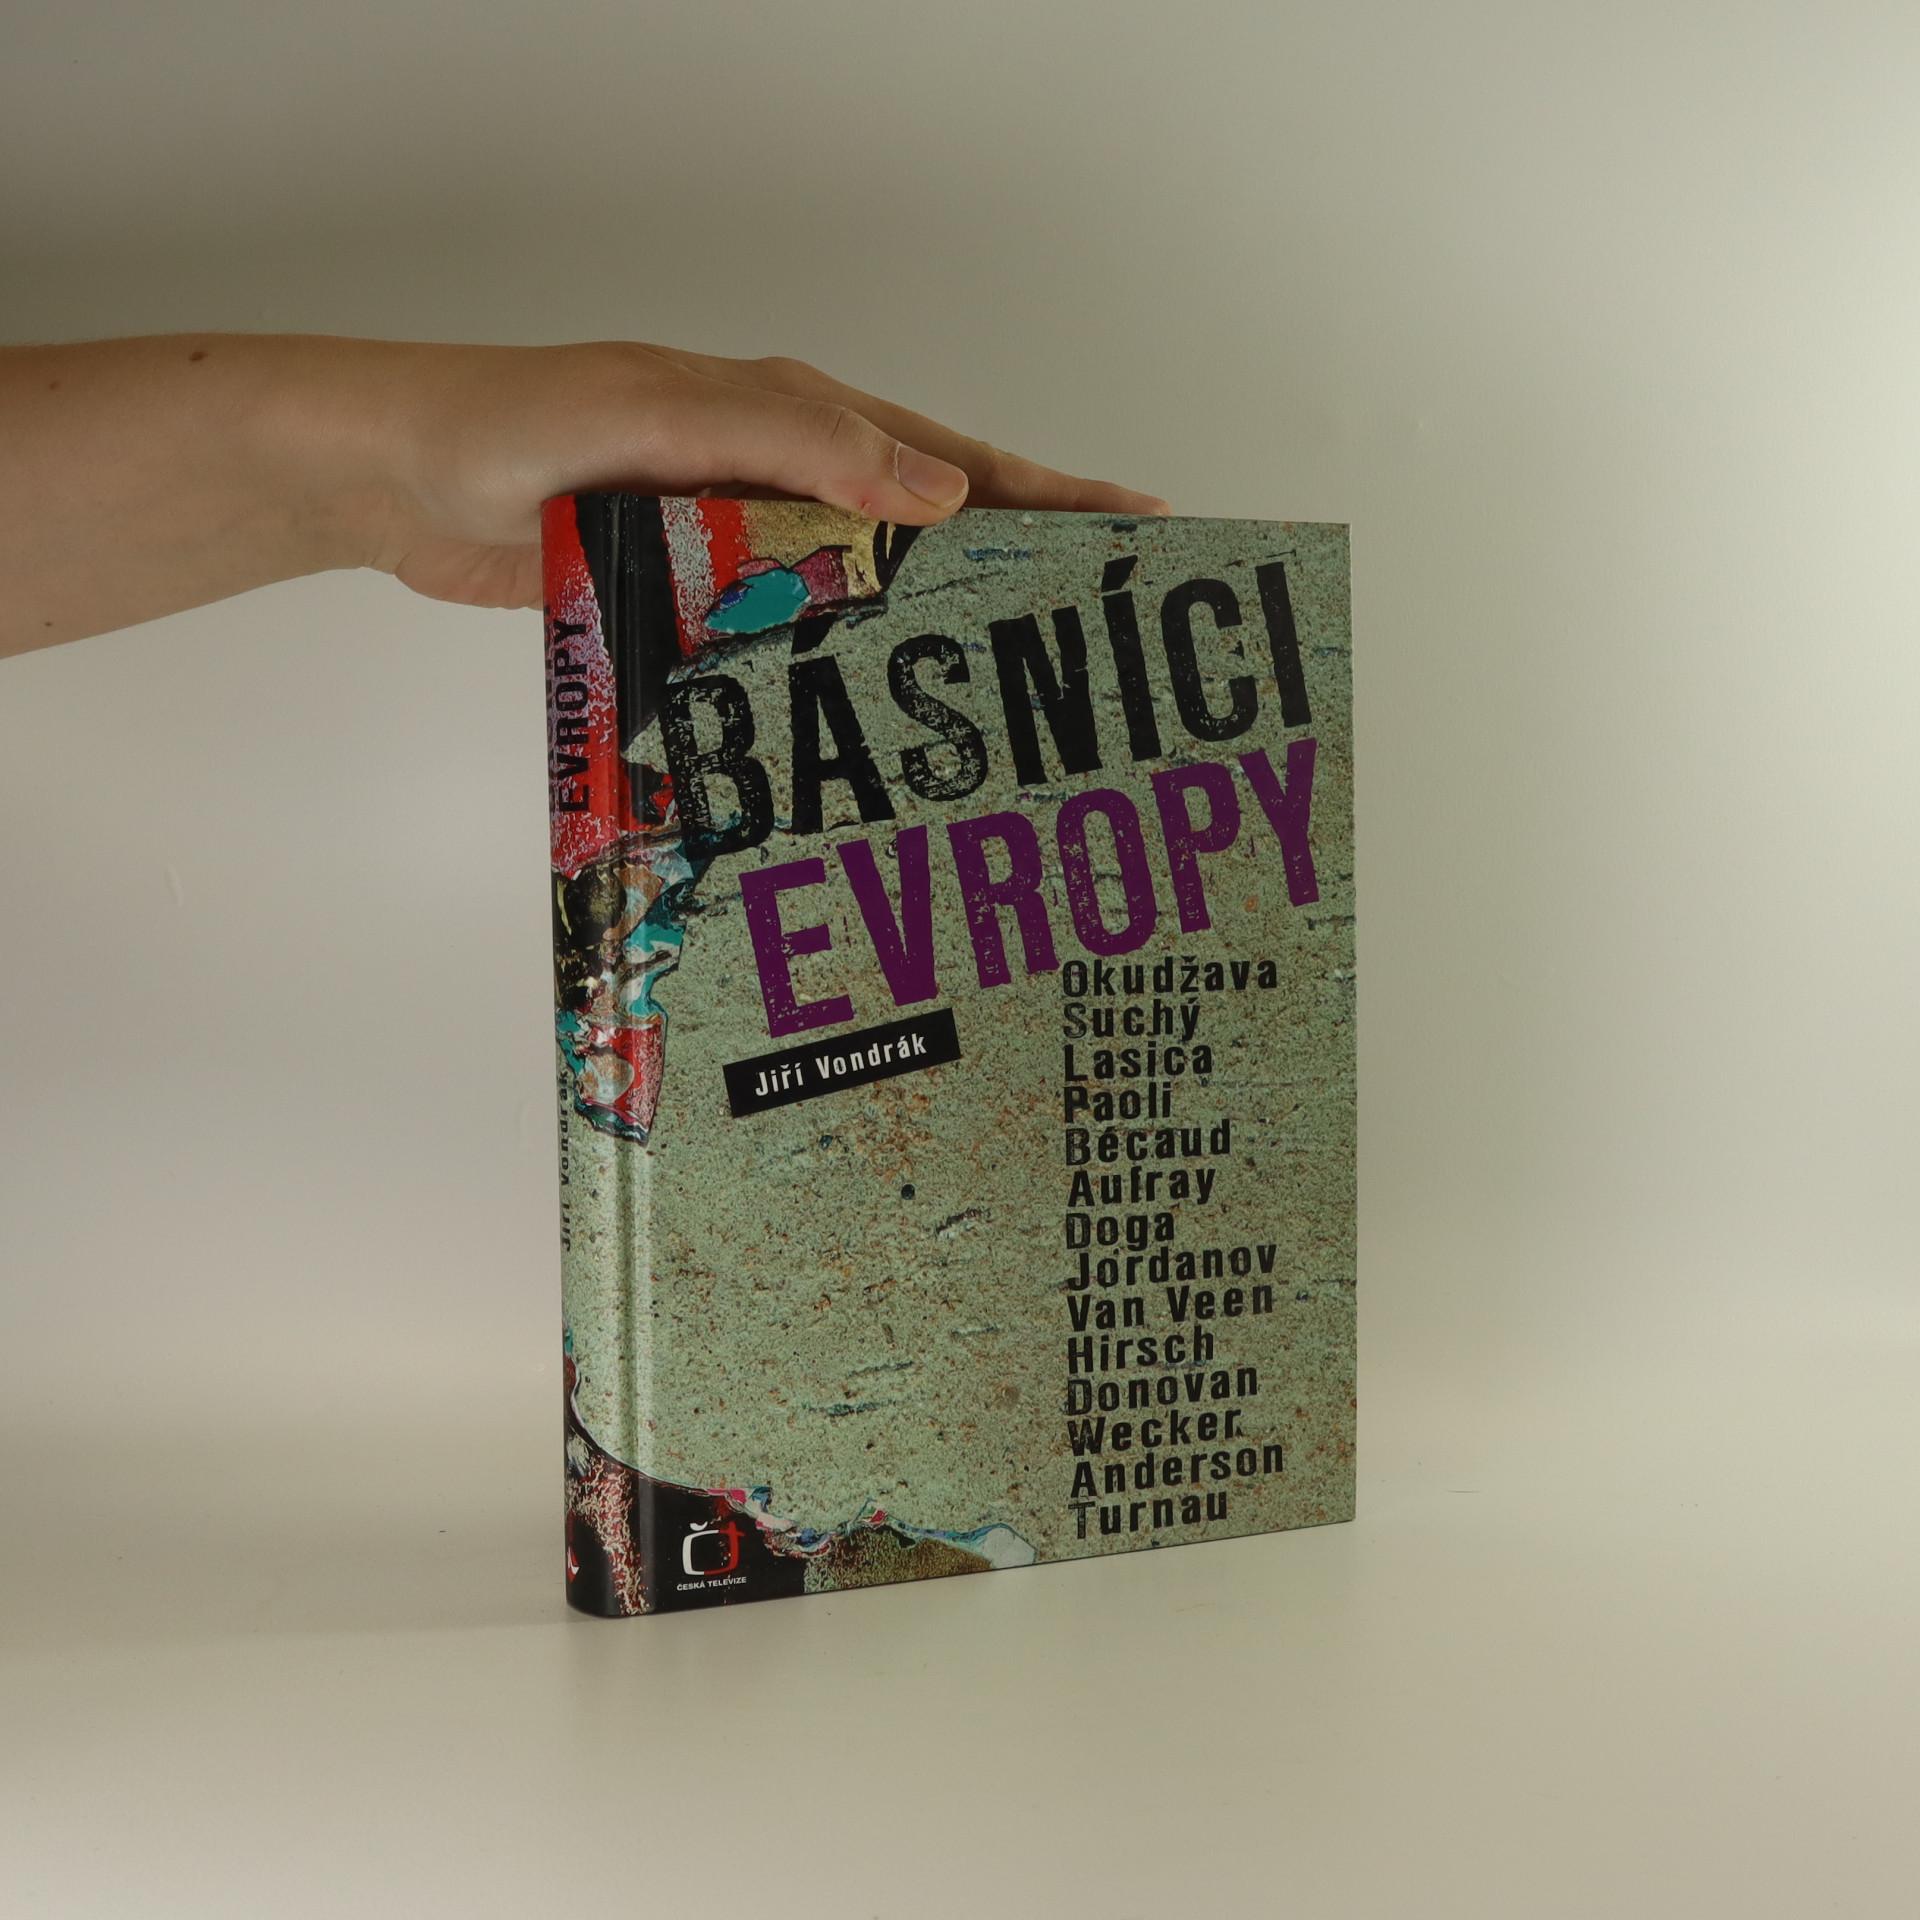 antikvární kniha Básníci Evropy, 2007